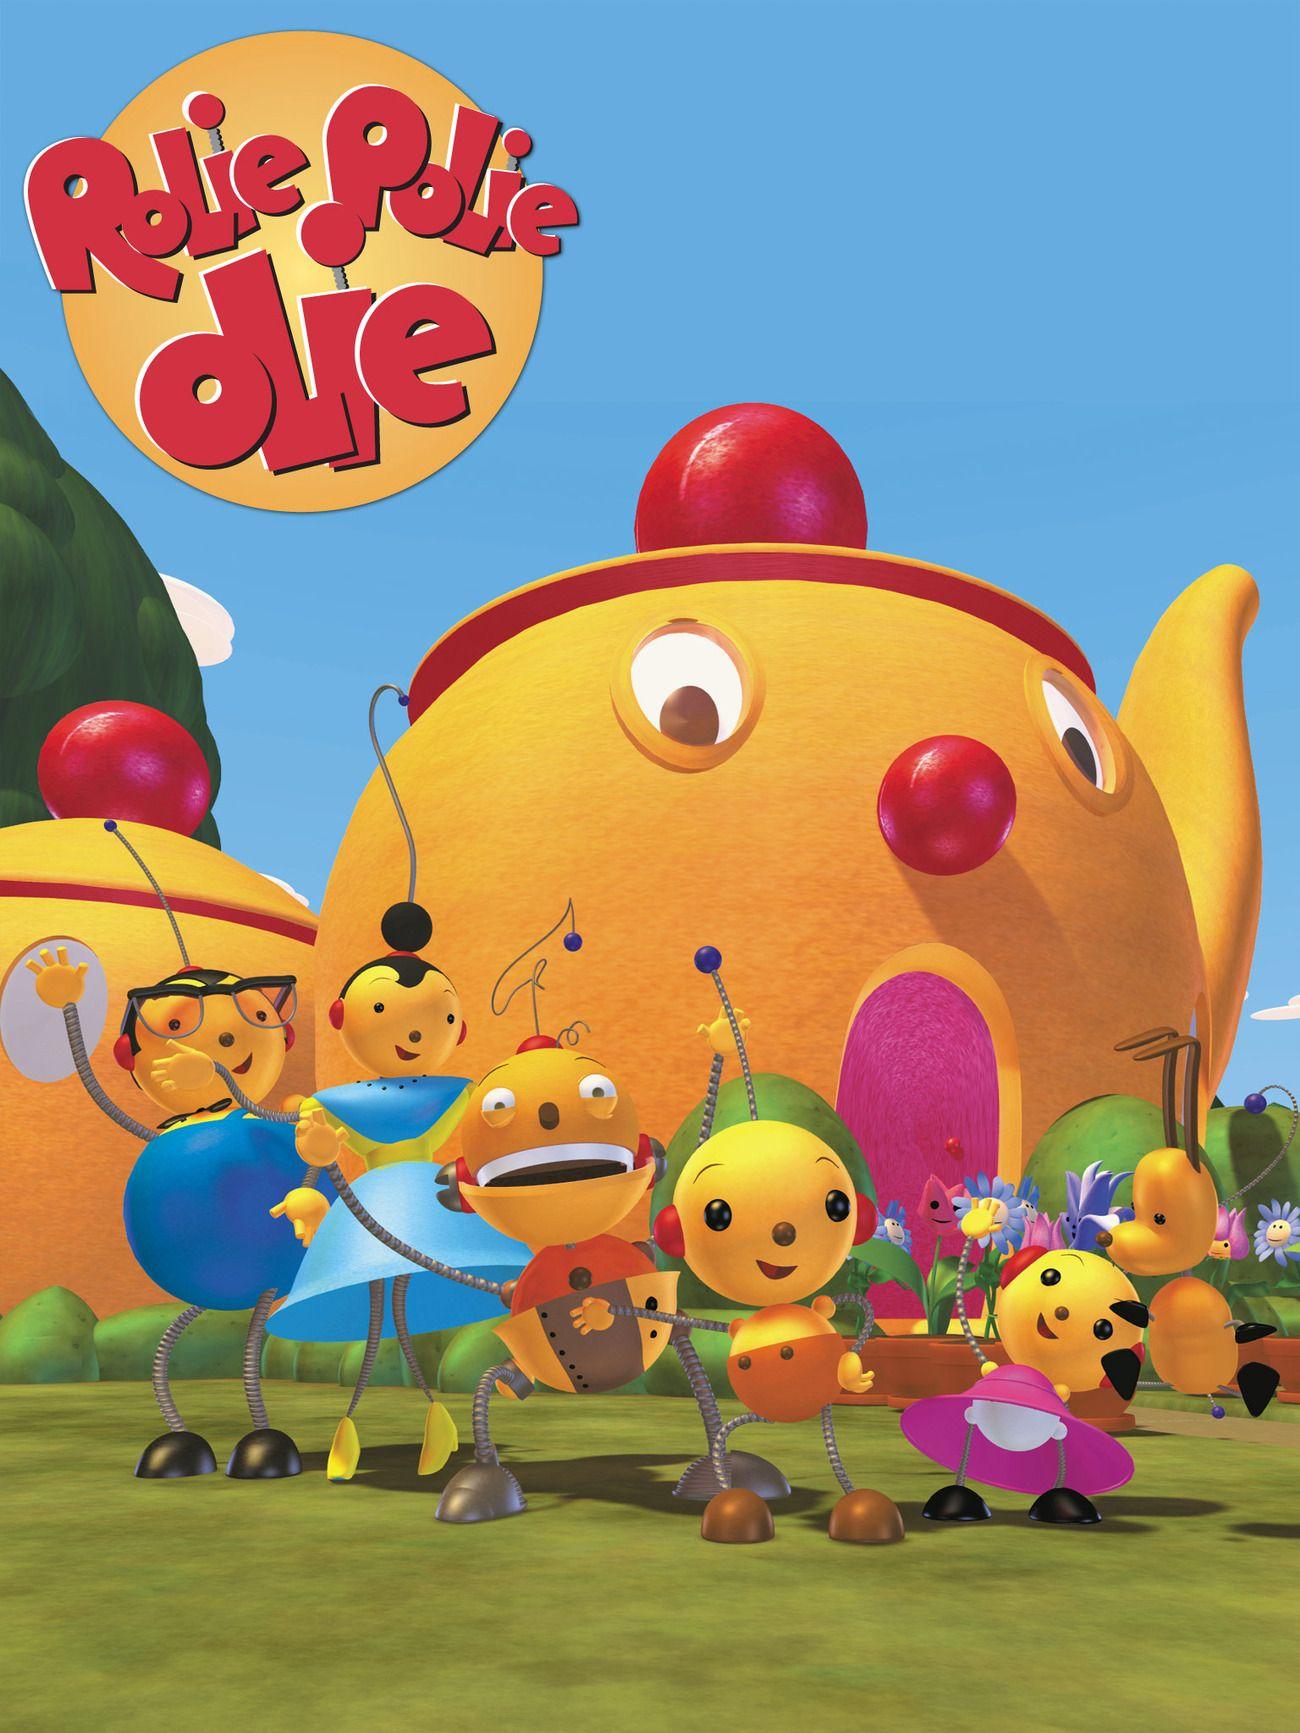 Disneys rolie polie olie childhood tv shows